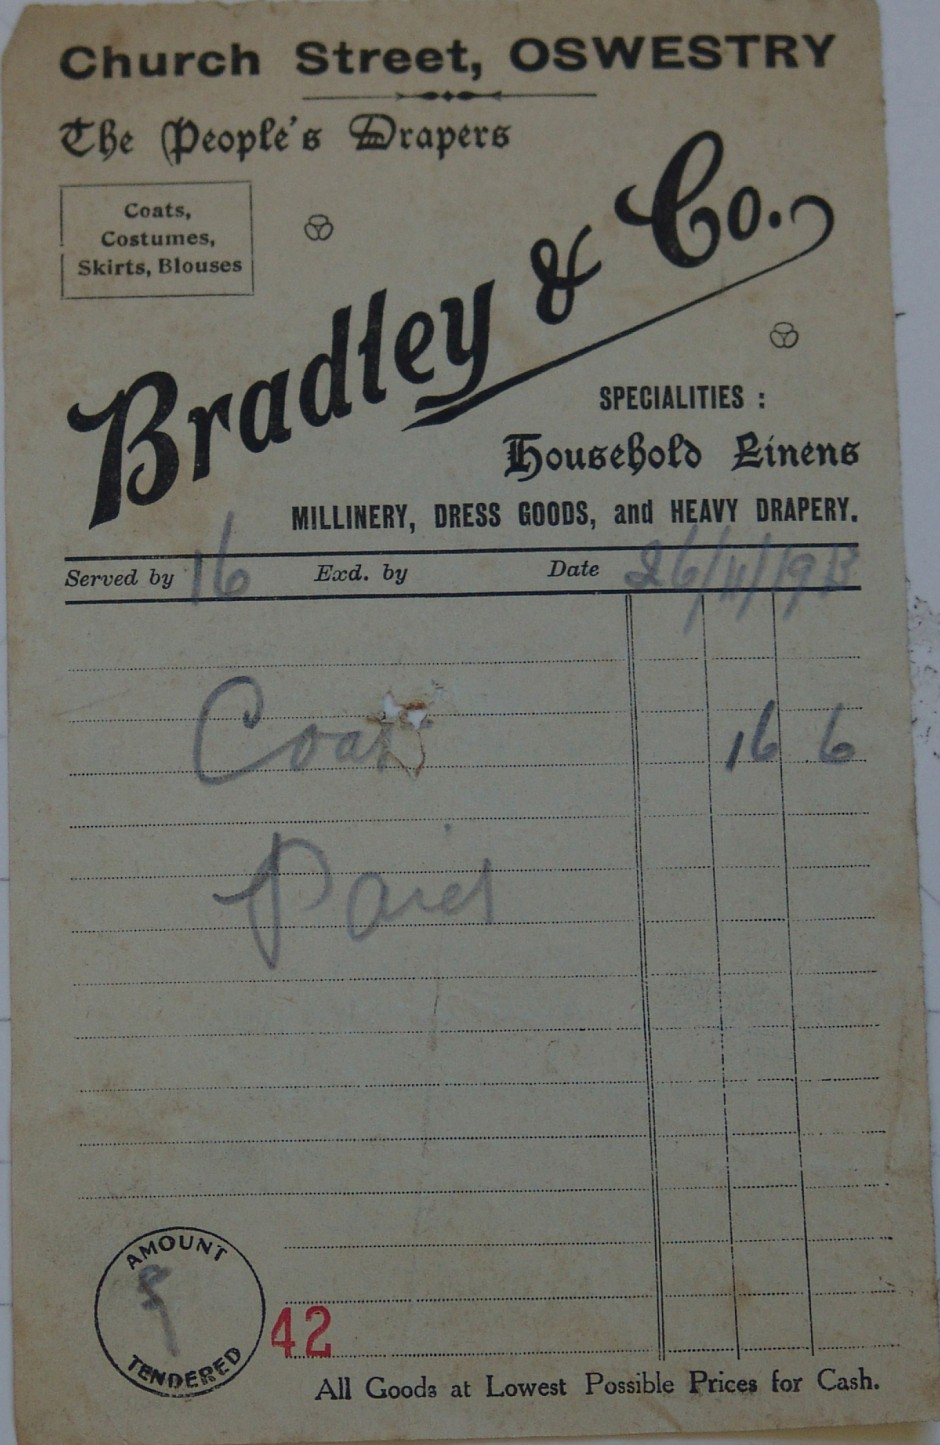 PH-O-5-6-143 - Bradley & Co